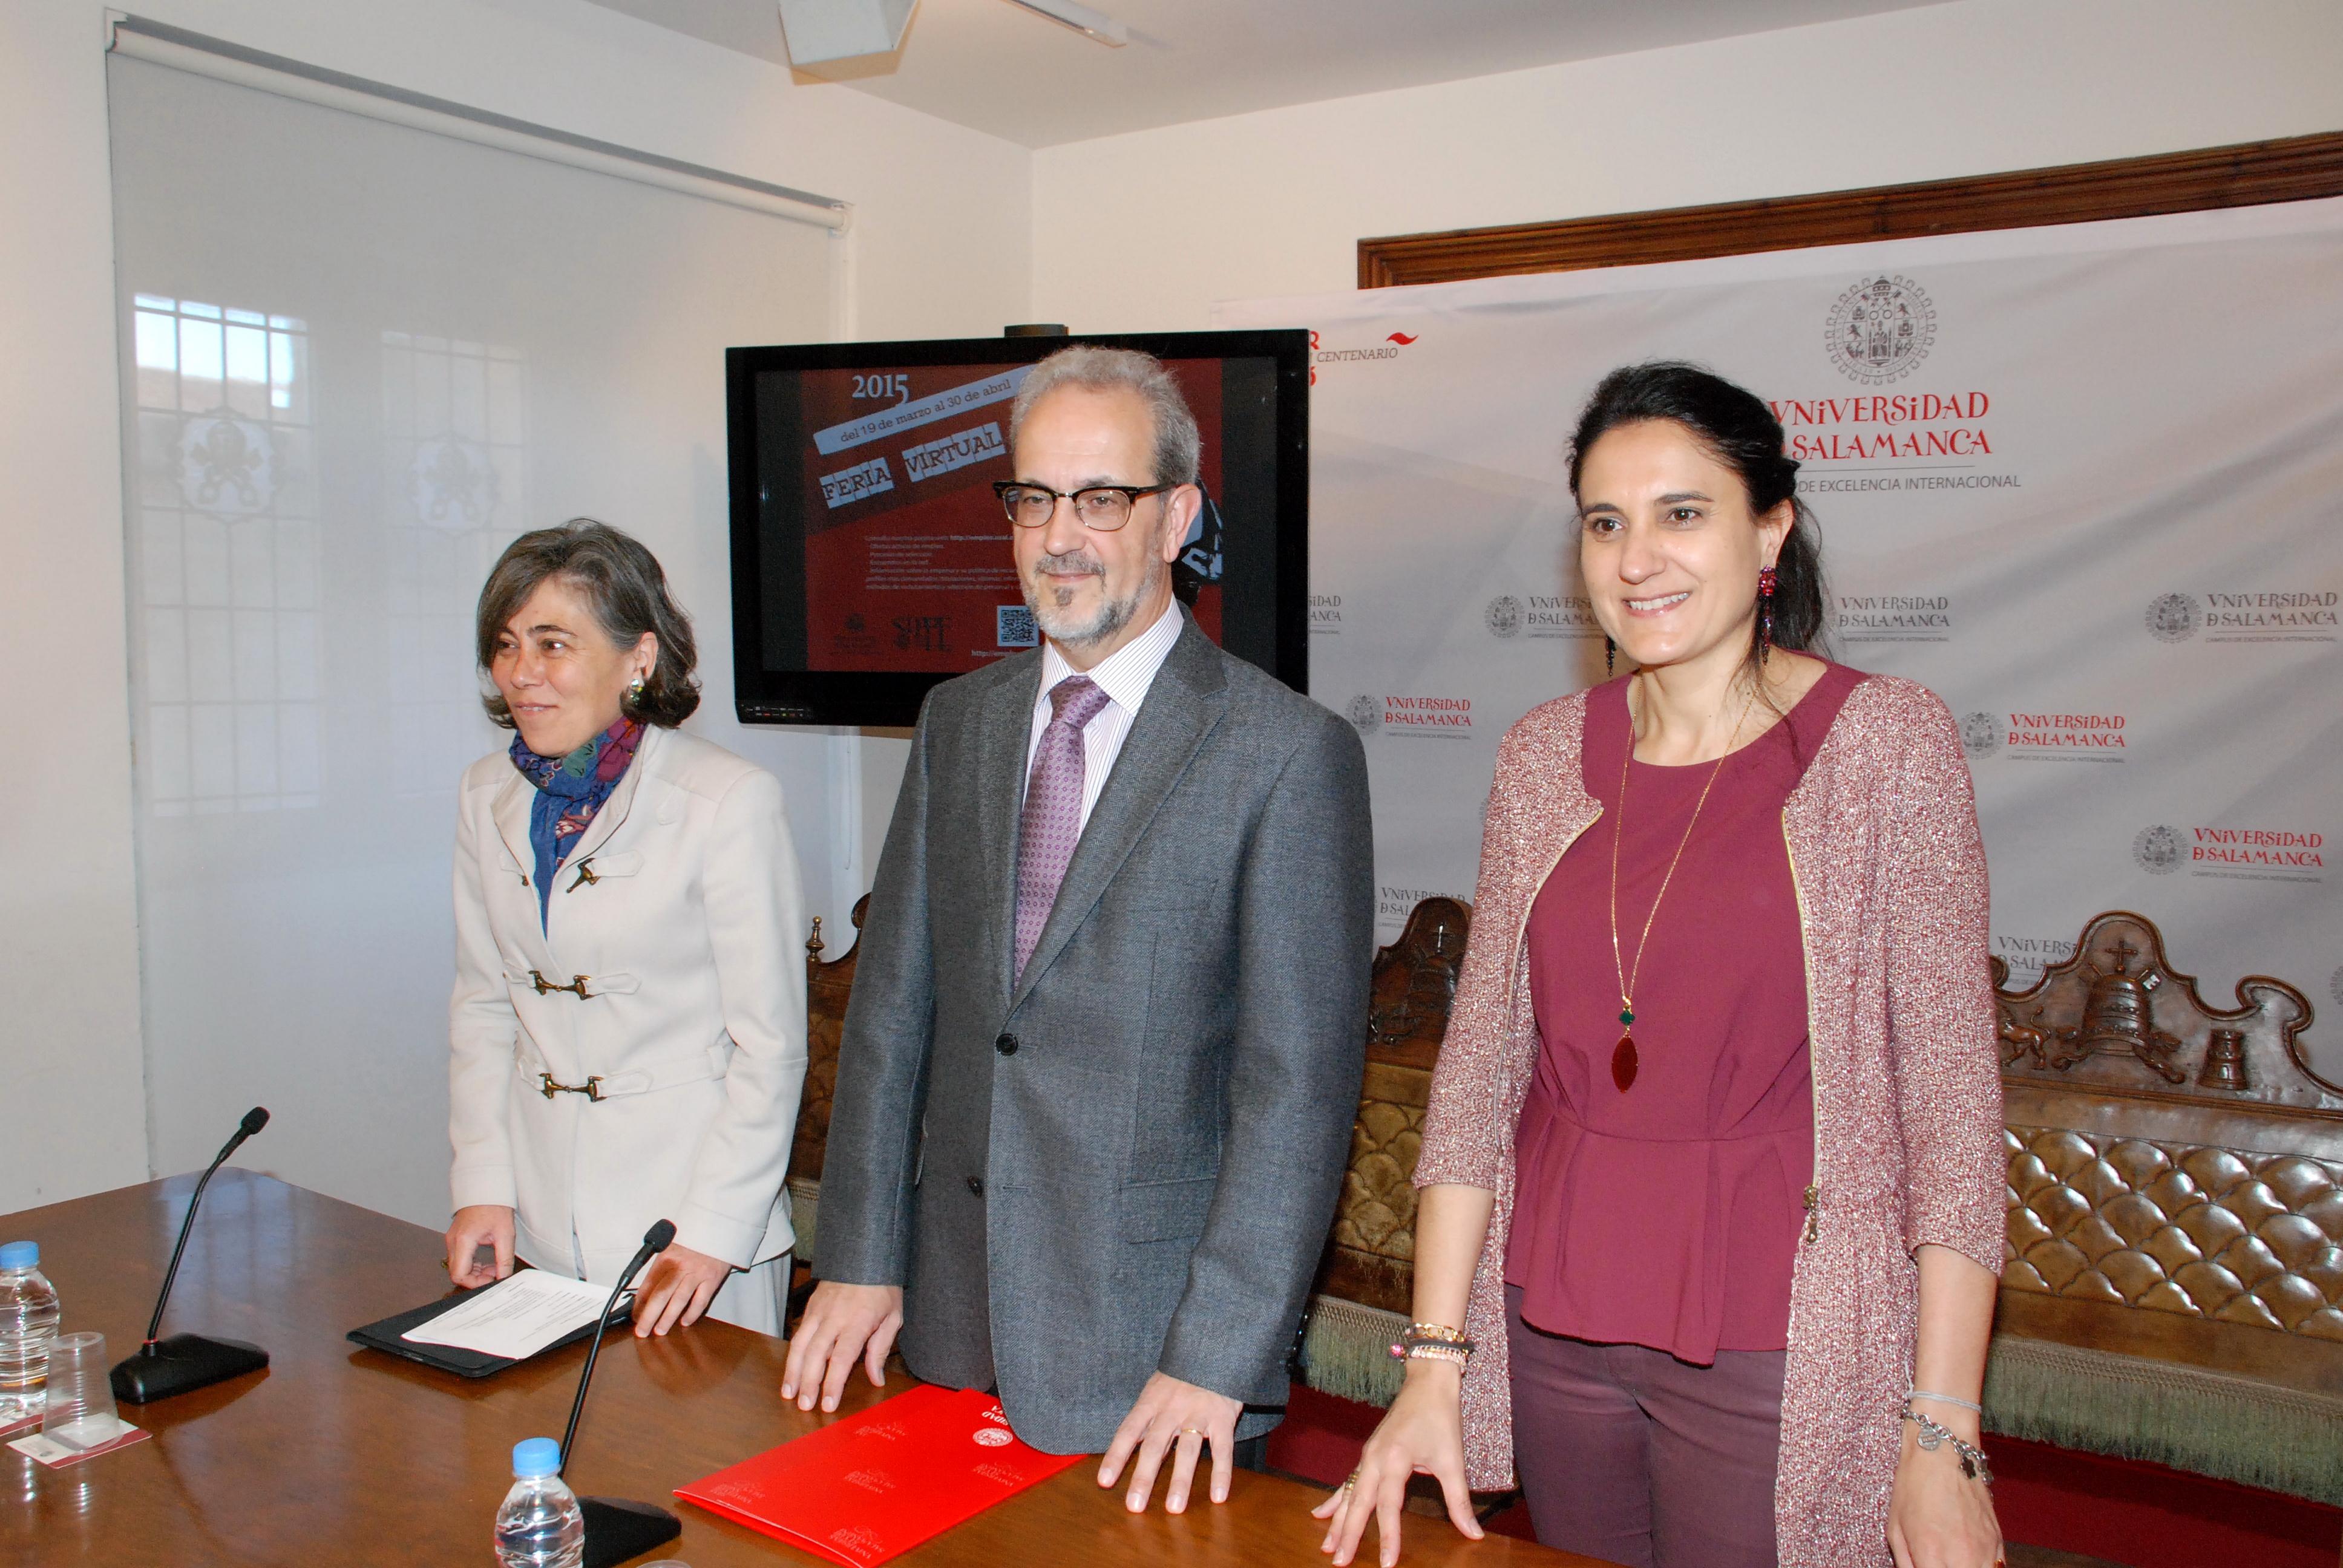 20 empresas, con alrededor de 50 ofertas activas de empleo, participan en la Feria Virtual de Empleo de la Universidad de Salamanca